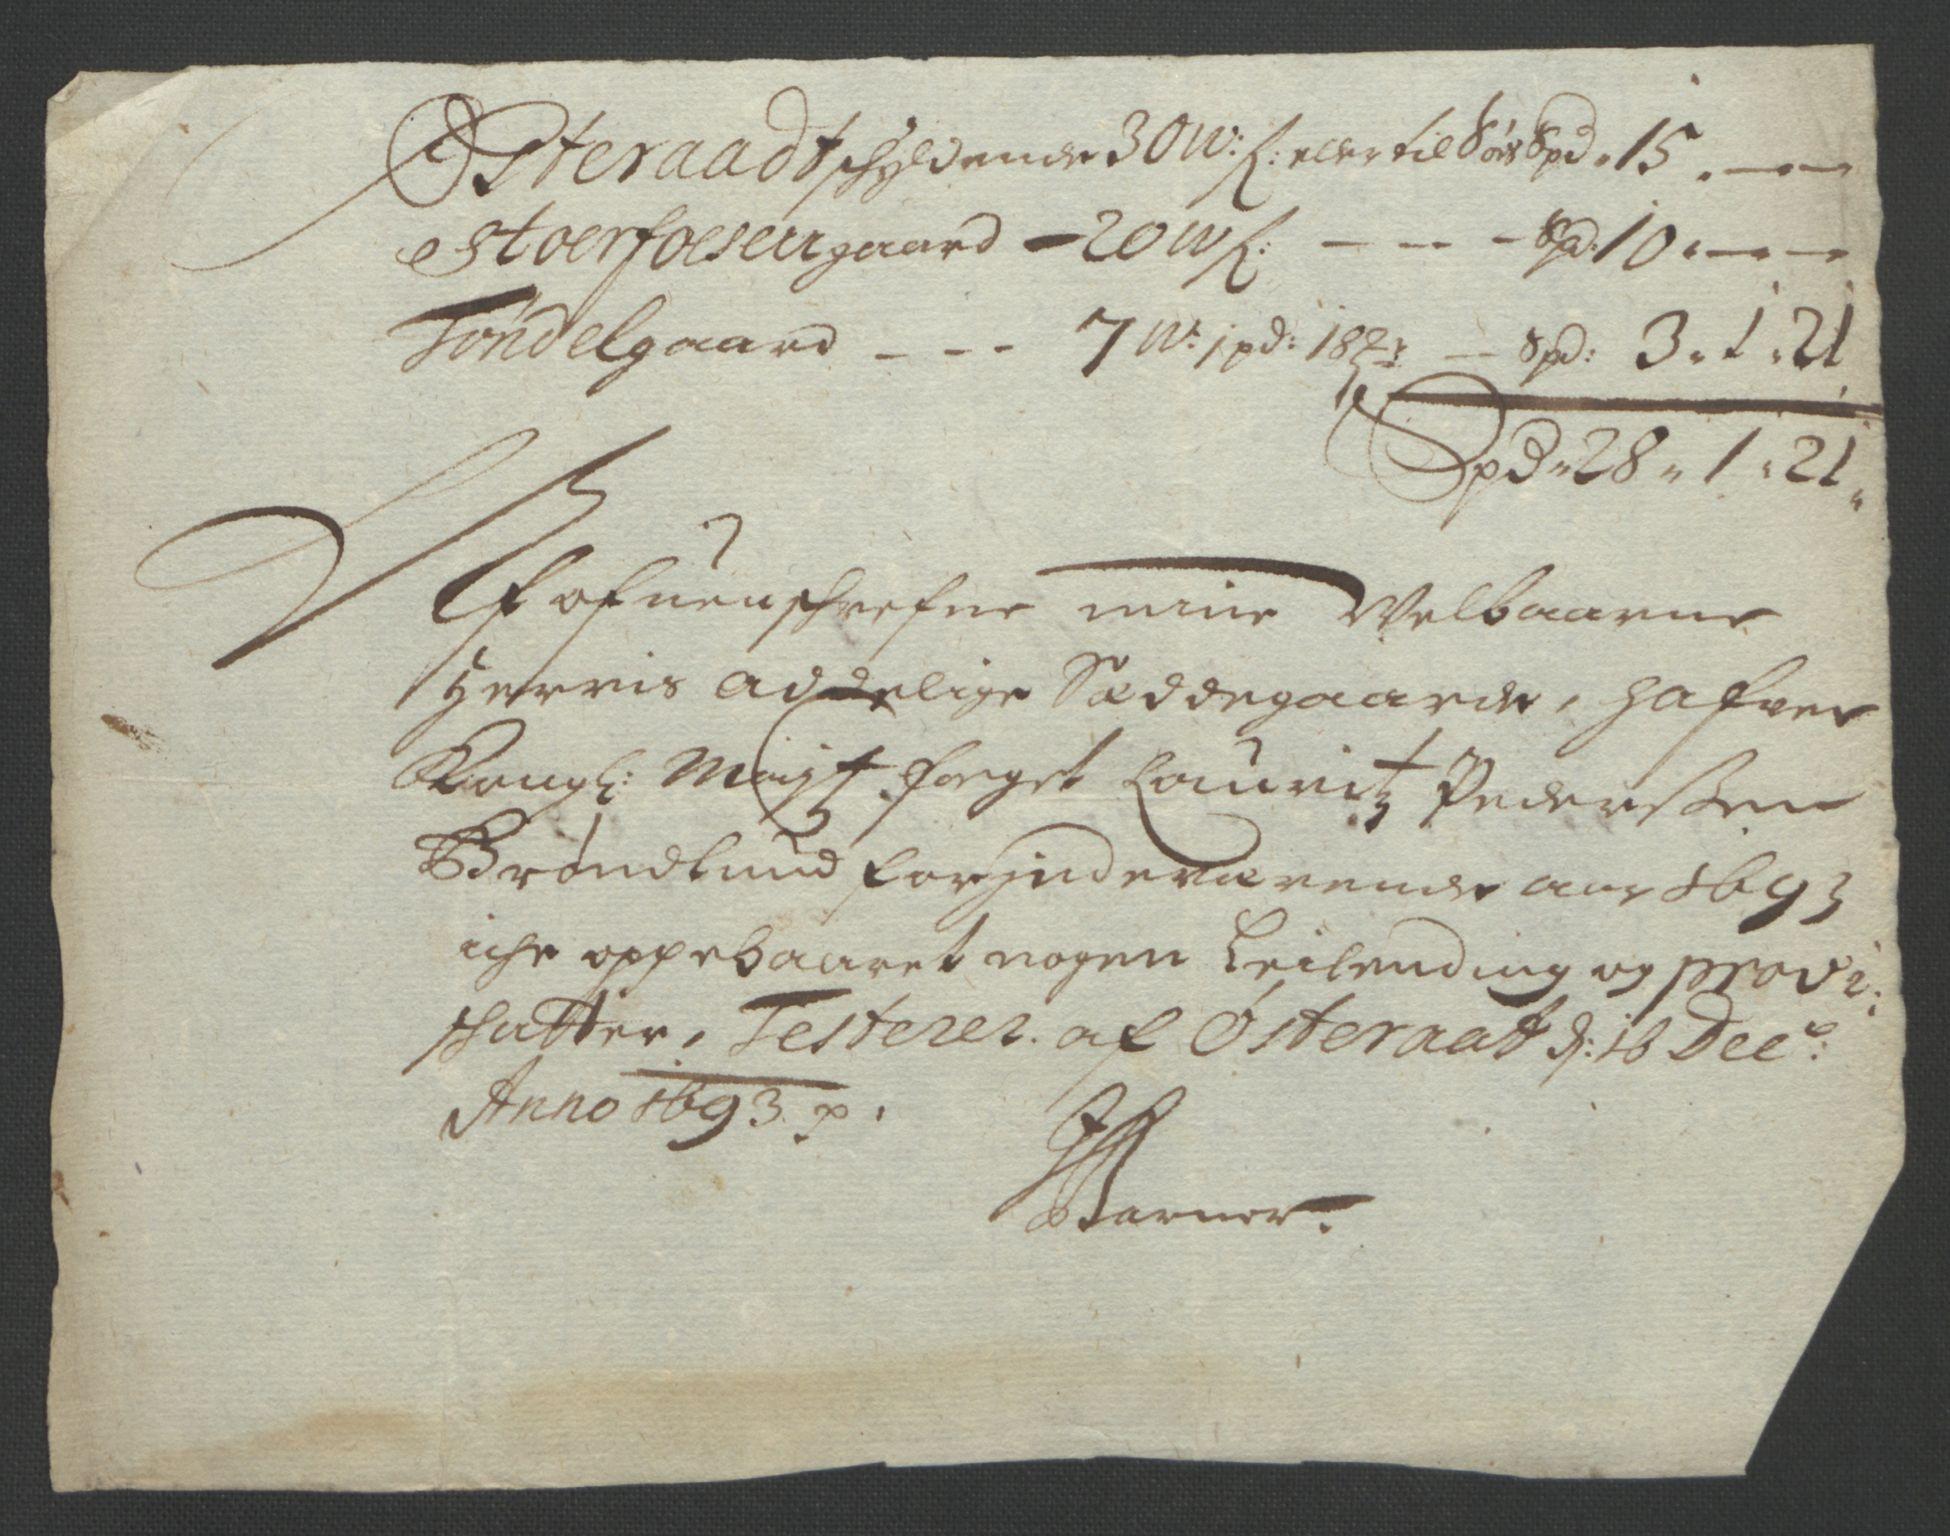 RA, Rentekammeret inntil 1814, Reviderte regnskaper, Fogderegnskap, R57/L3849: Fogderegnskap Fosen, 1692-1693, s. 563